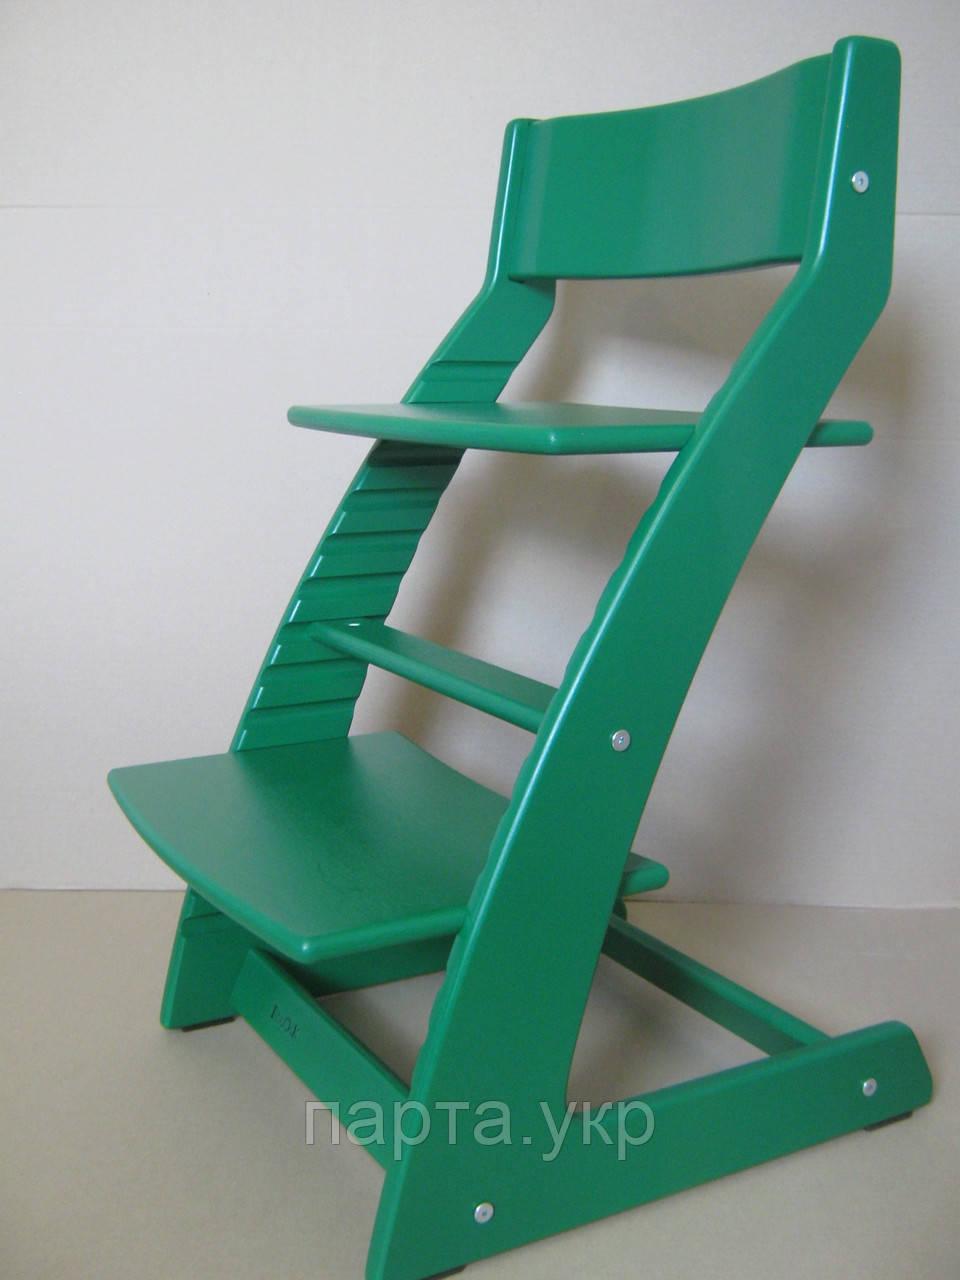 Детский стульчик растишка с подставкой для ног зеленый